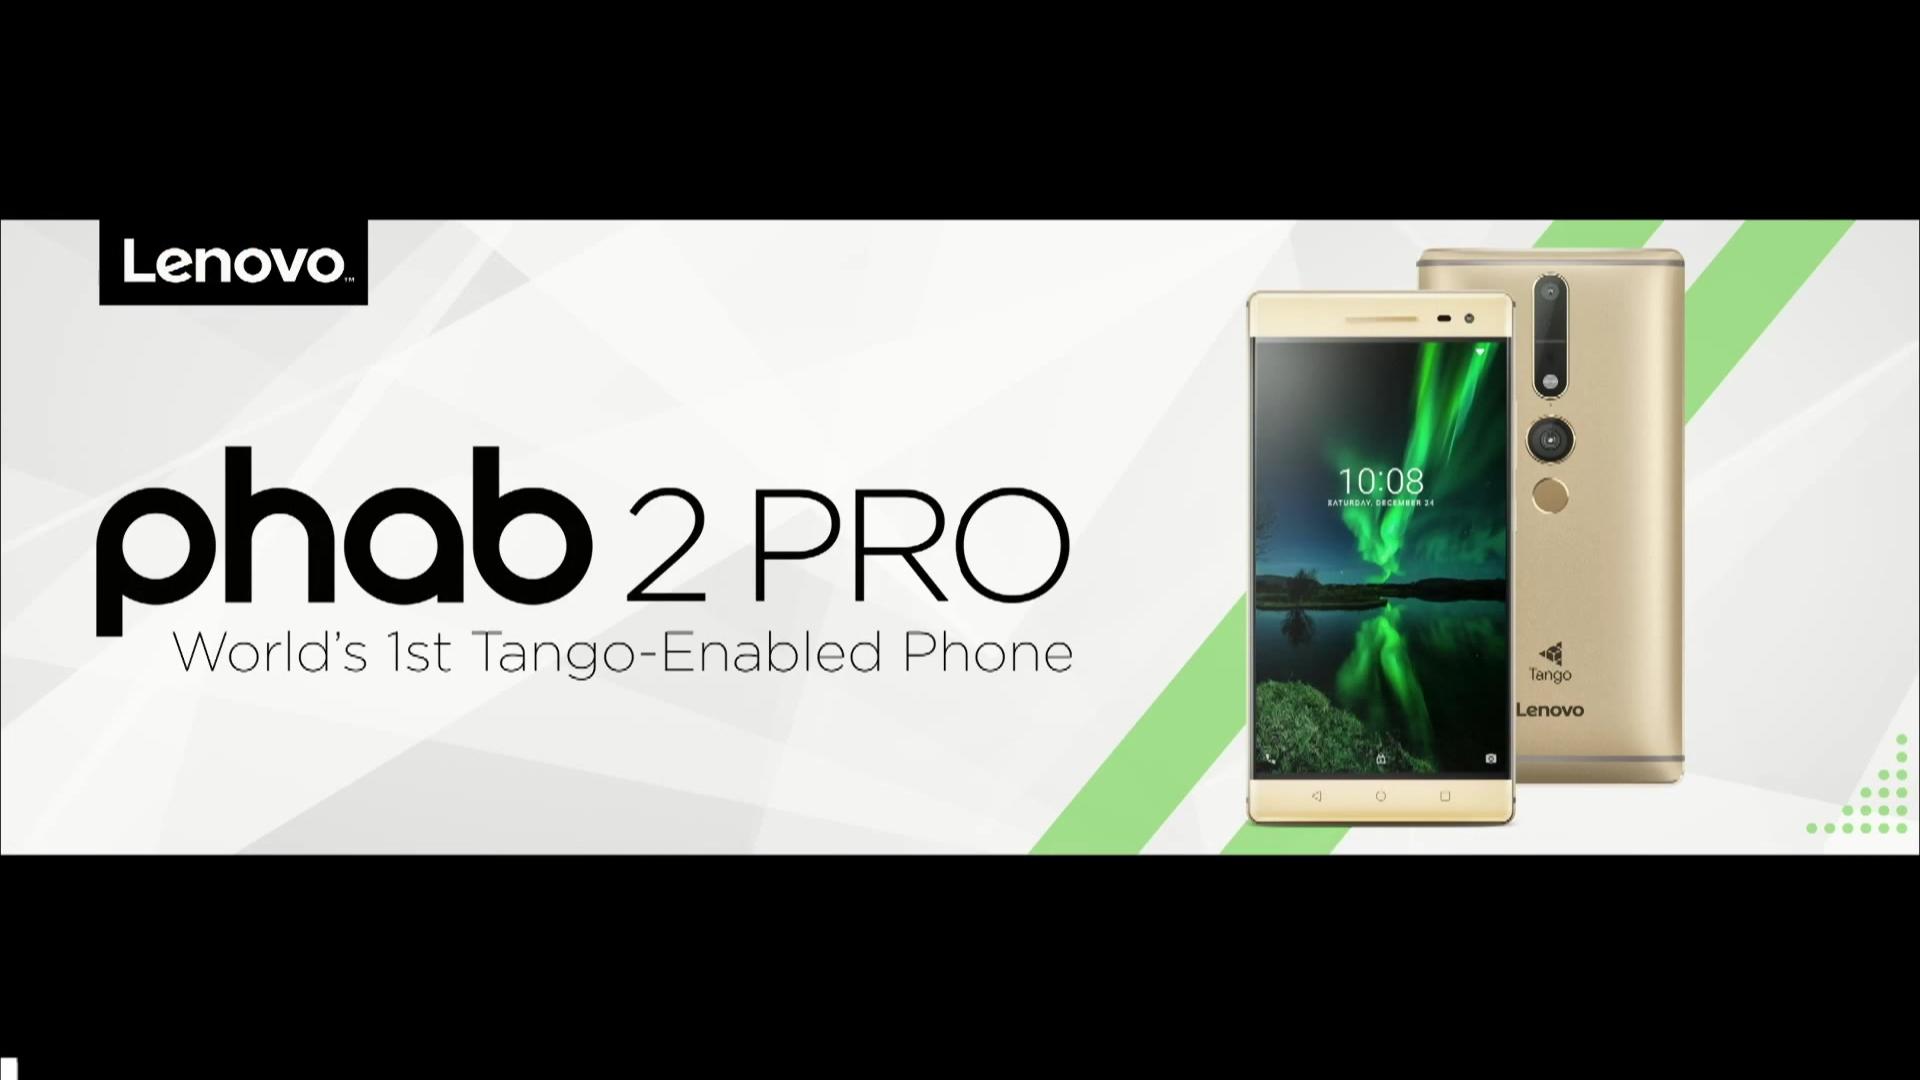 Lenovo Phab 2 Pro Tango youtu.be-MBgQLraVGJQ (6)